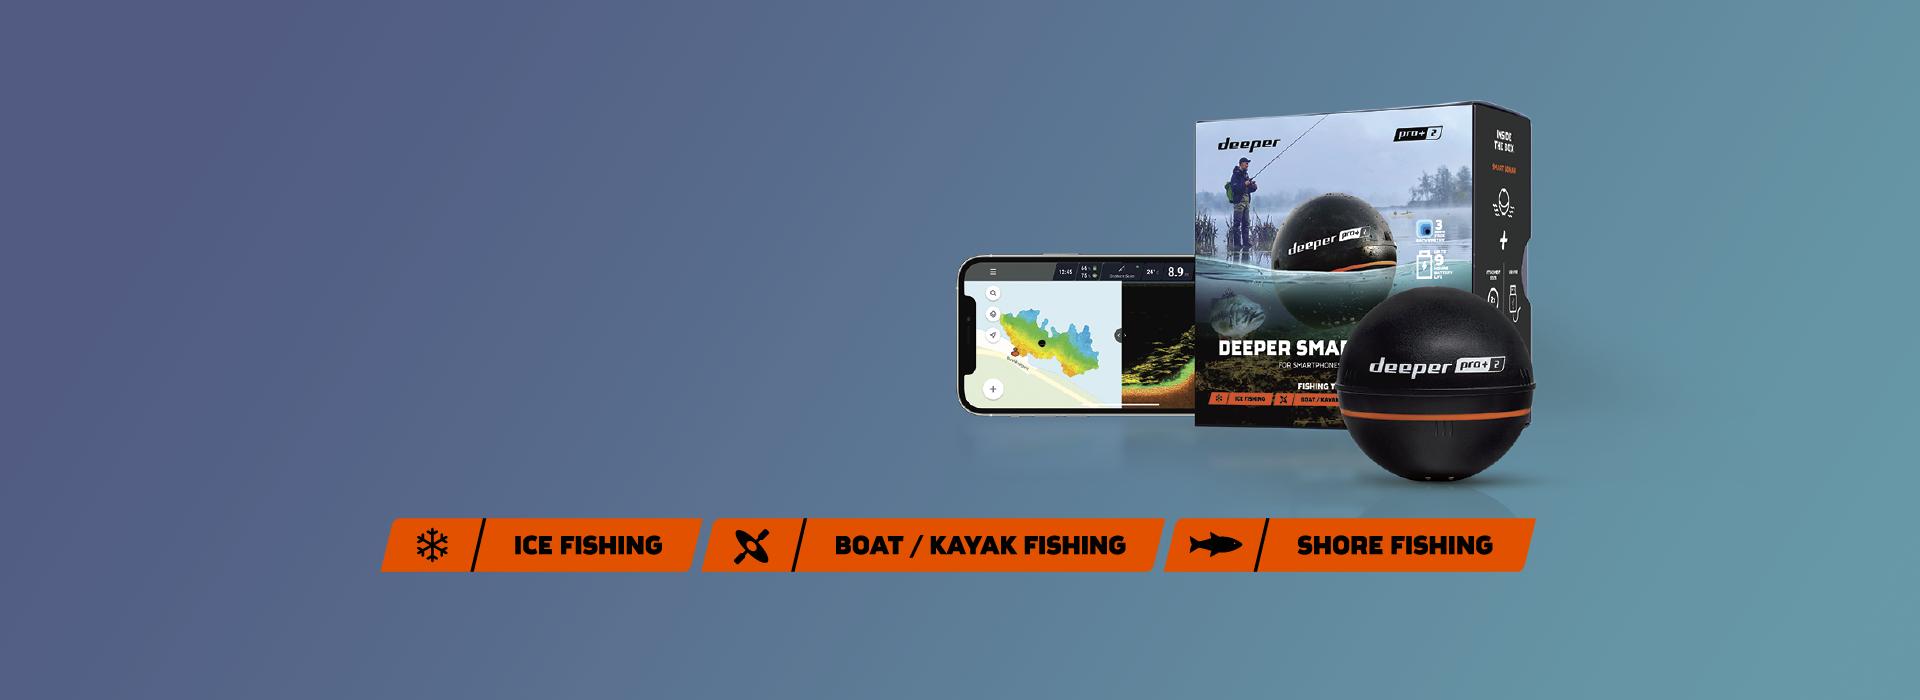 Il nuovo Deeper PRO+ 2! Amato dai pescatori di tutto il mondo. Ora migliorato più che mai.